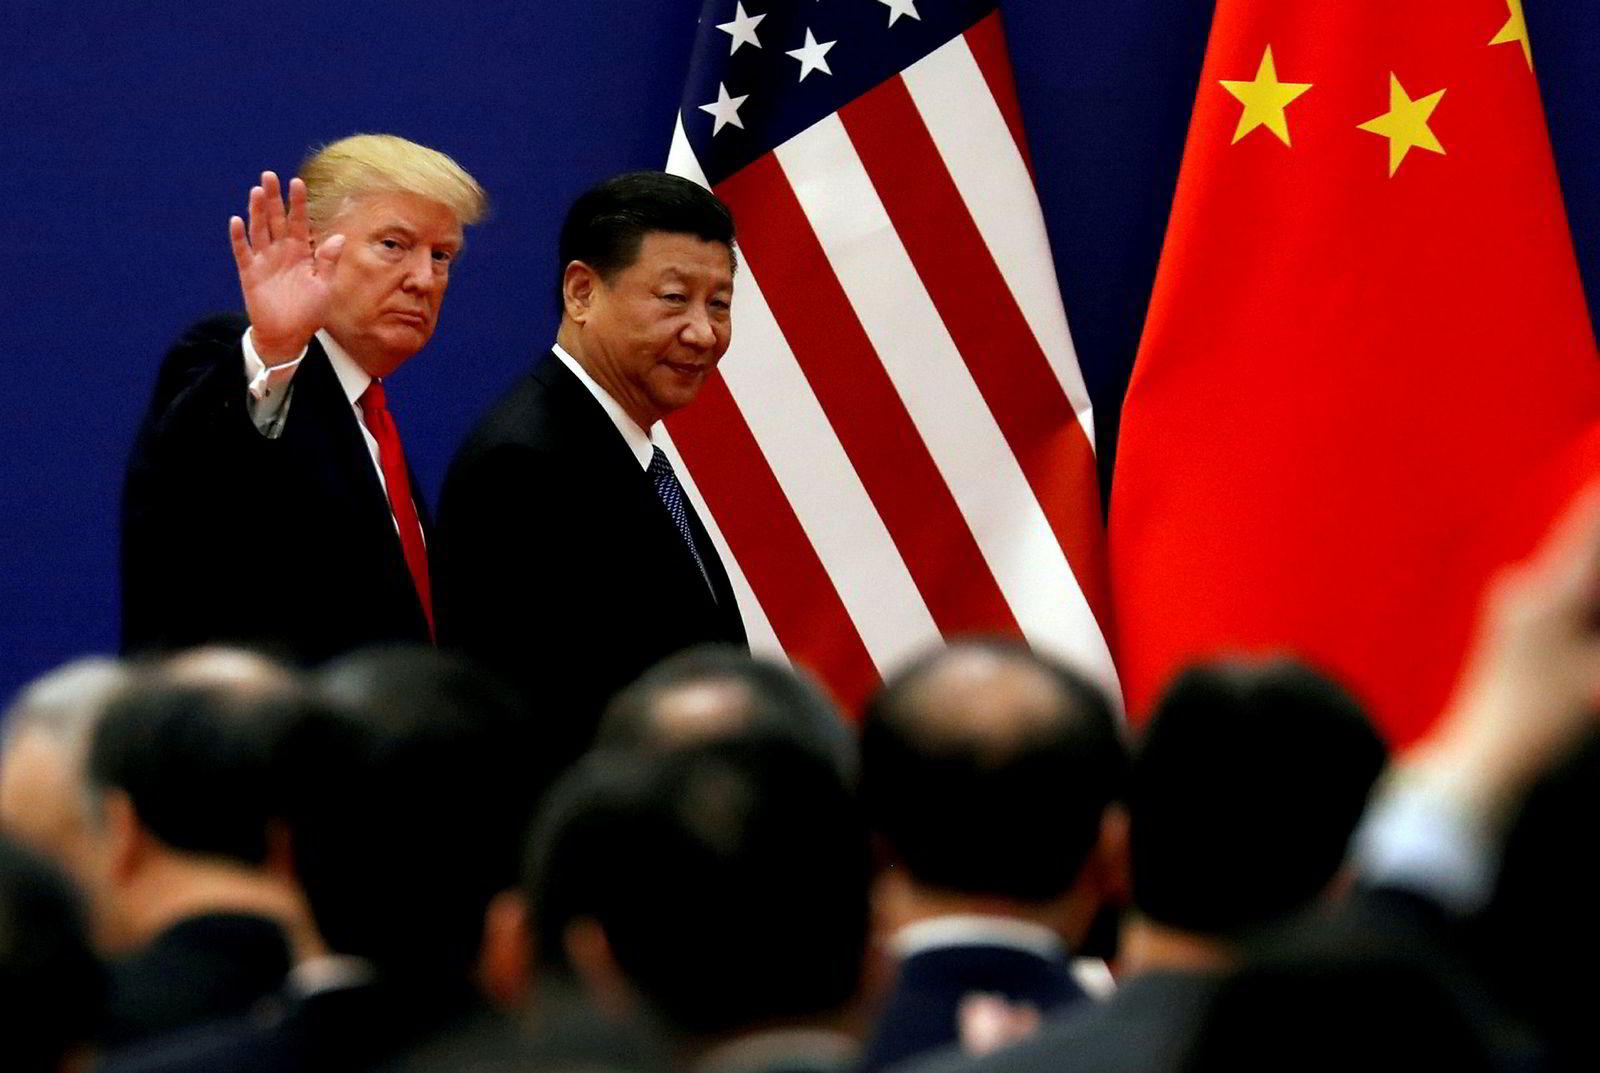 USA og Kina er i full handelskrig. Begge landene har mangedoblet tollen på det andre landets varer, og forsøk på forhandlinger har så langt ikke ført fram. Bildet er av de to presidentene Donald Trump og Xi Jinping under et møte i 2017.